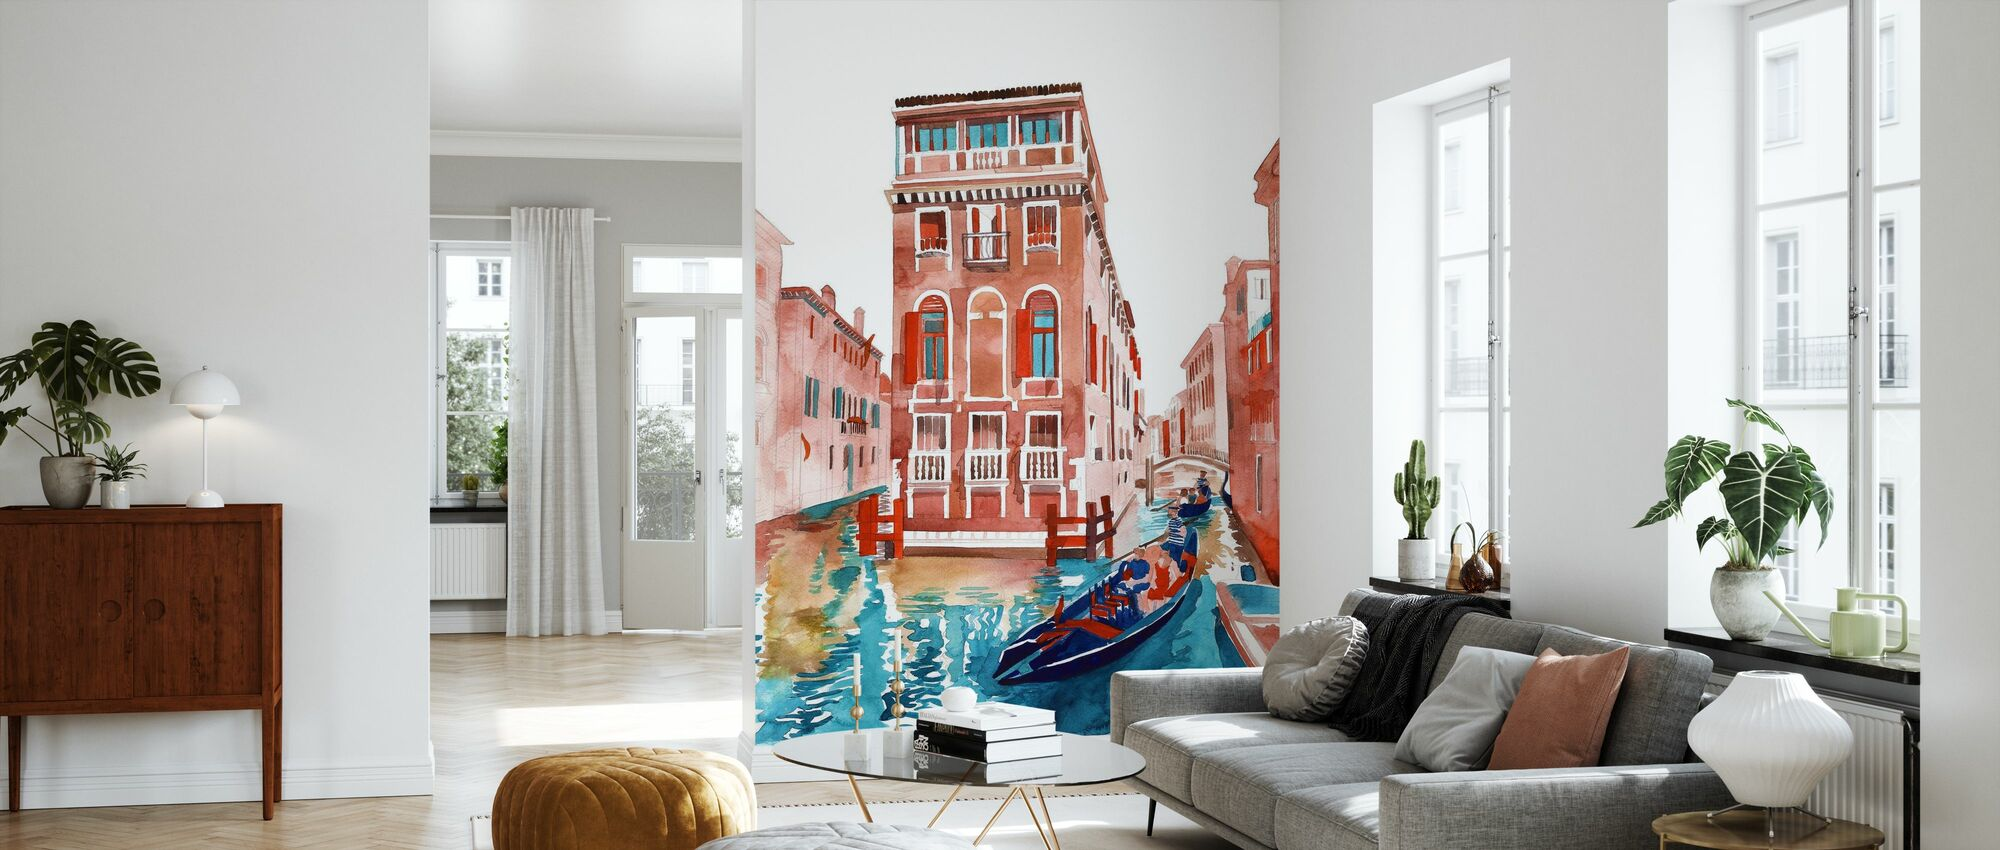 Venice Street - Wallpaper - Living Room